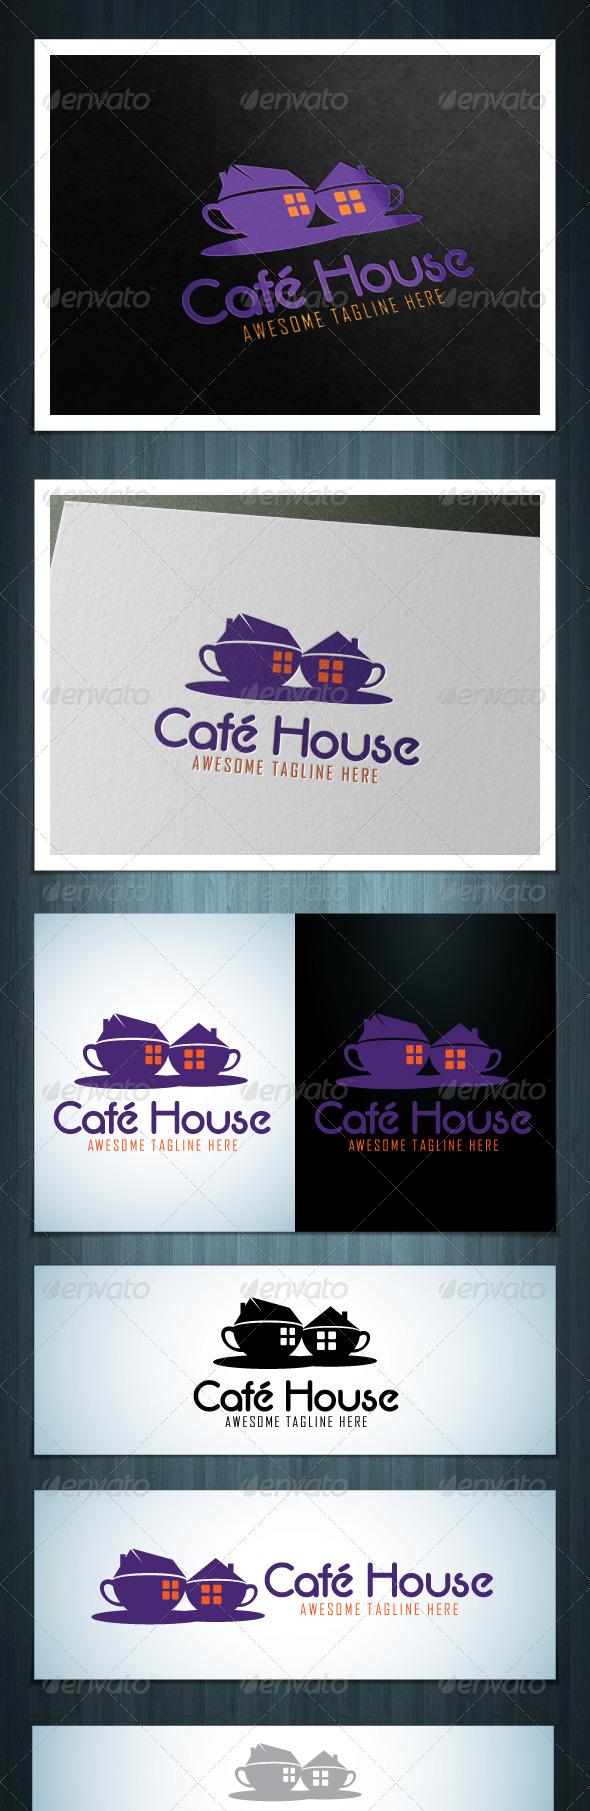 GraphicRiver Cafe House v2 5577473